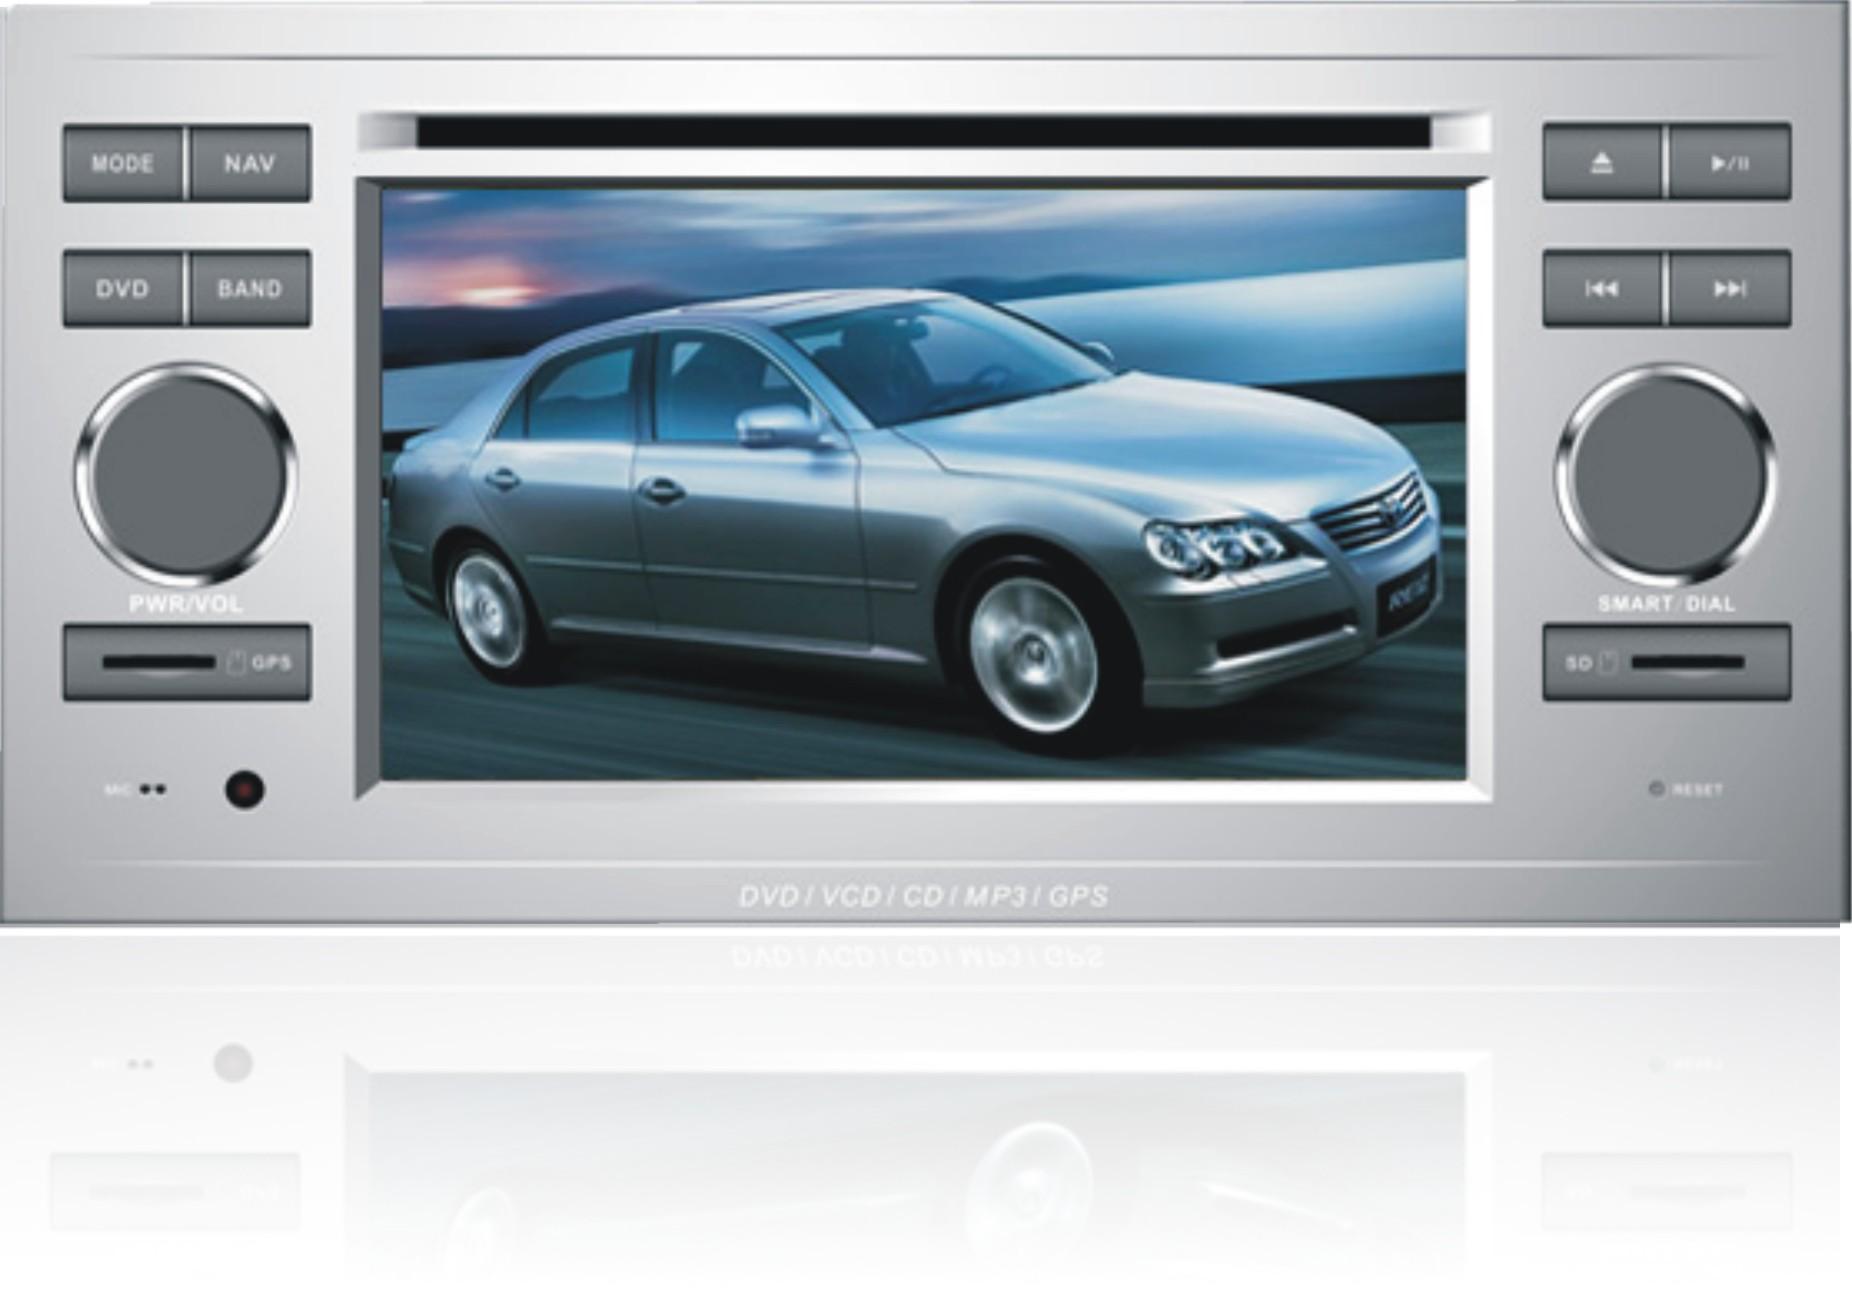 蓝牙凯立德收音播放音频卫星定位系统车机导航 DVD 功能电容 CE 新品